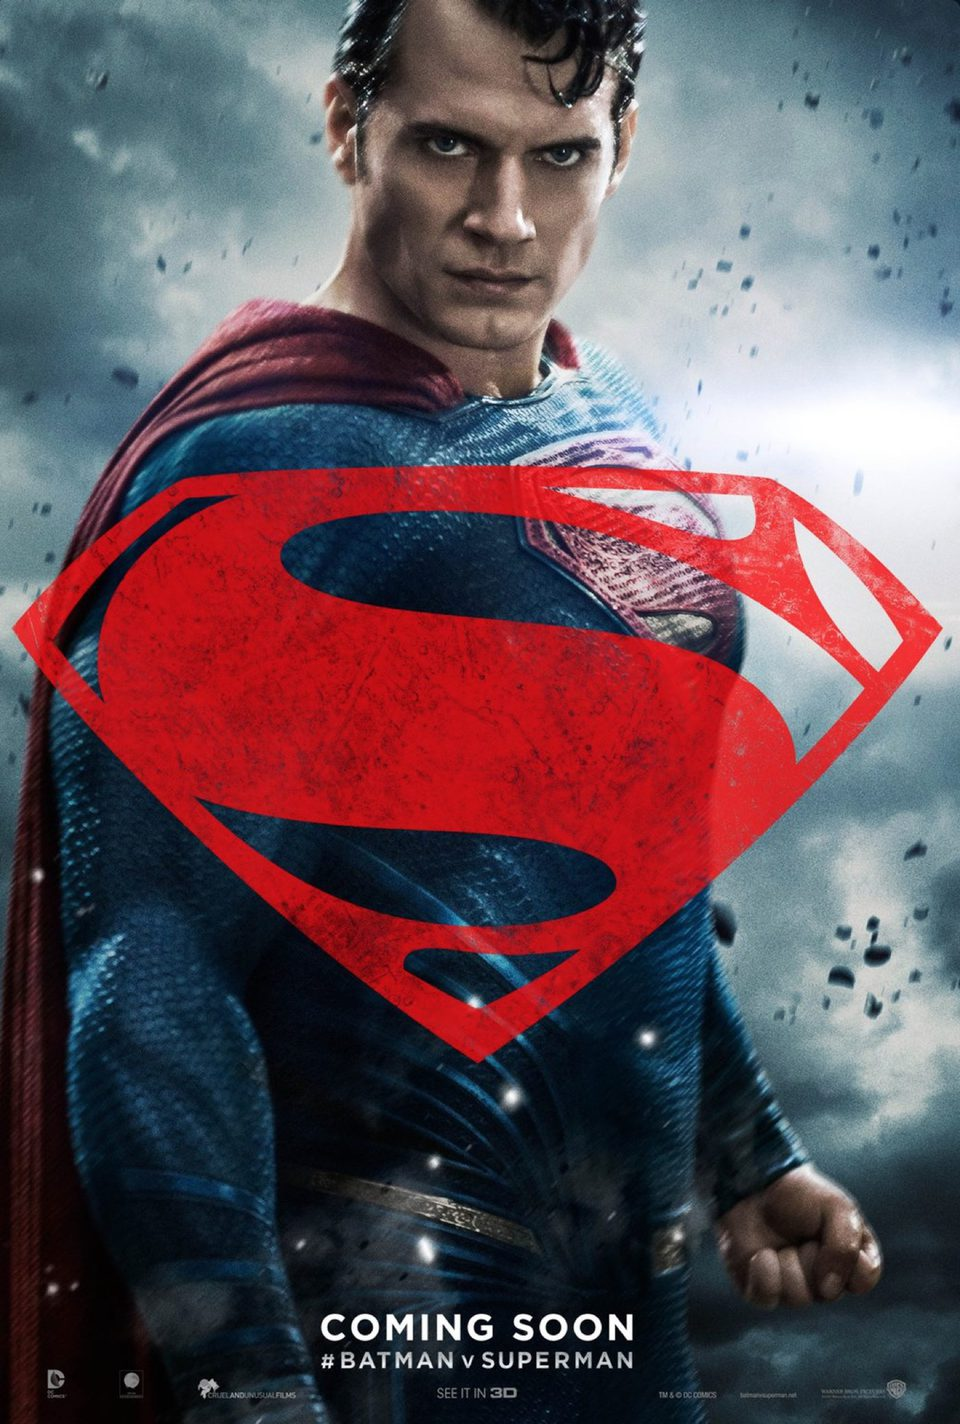 Estados Unidos poster for Batman v Superman: Dawn of Justice